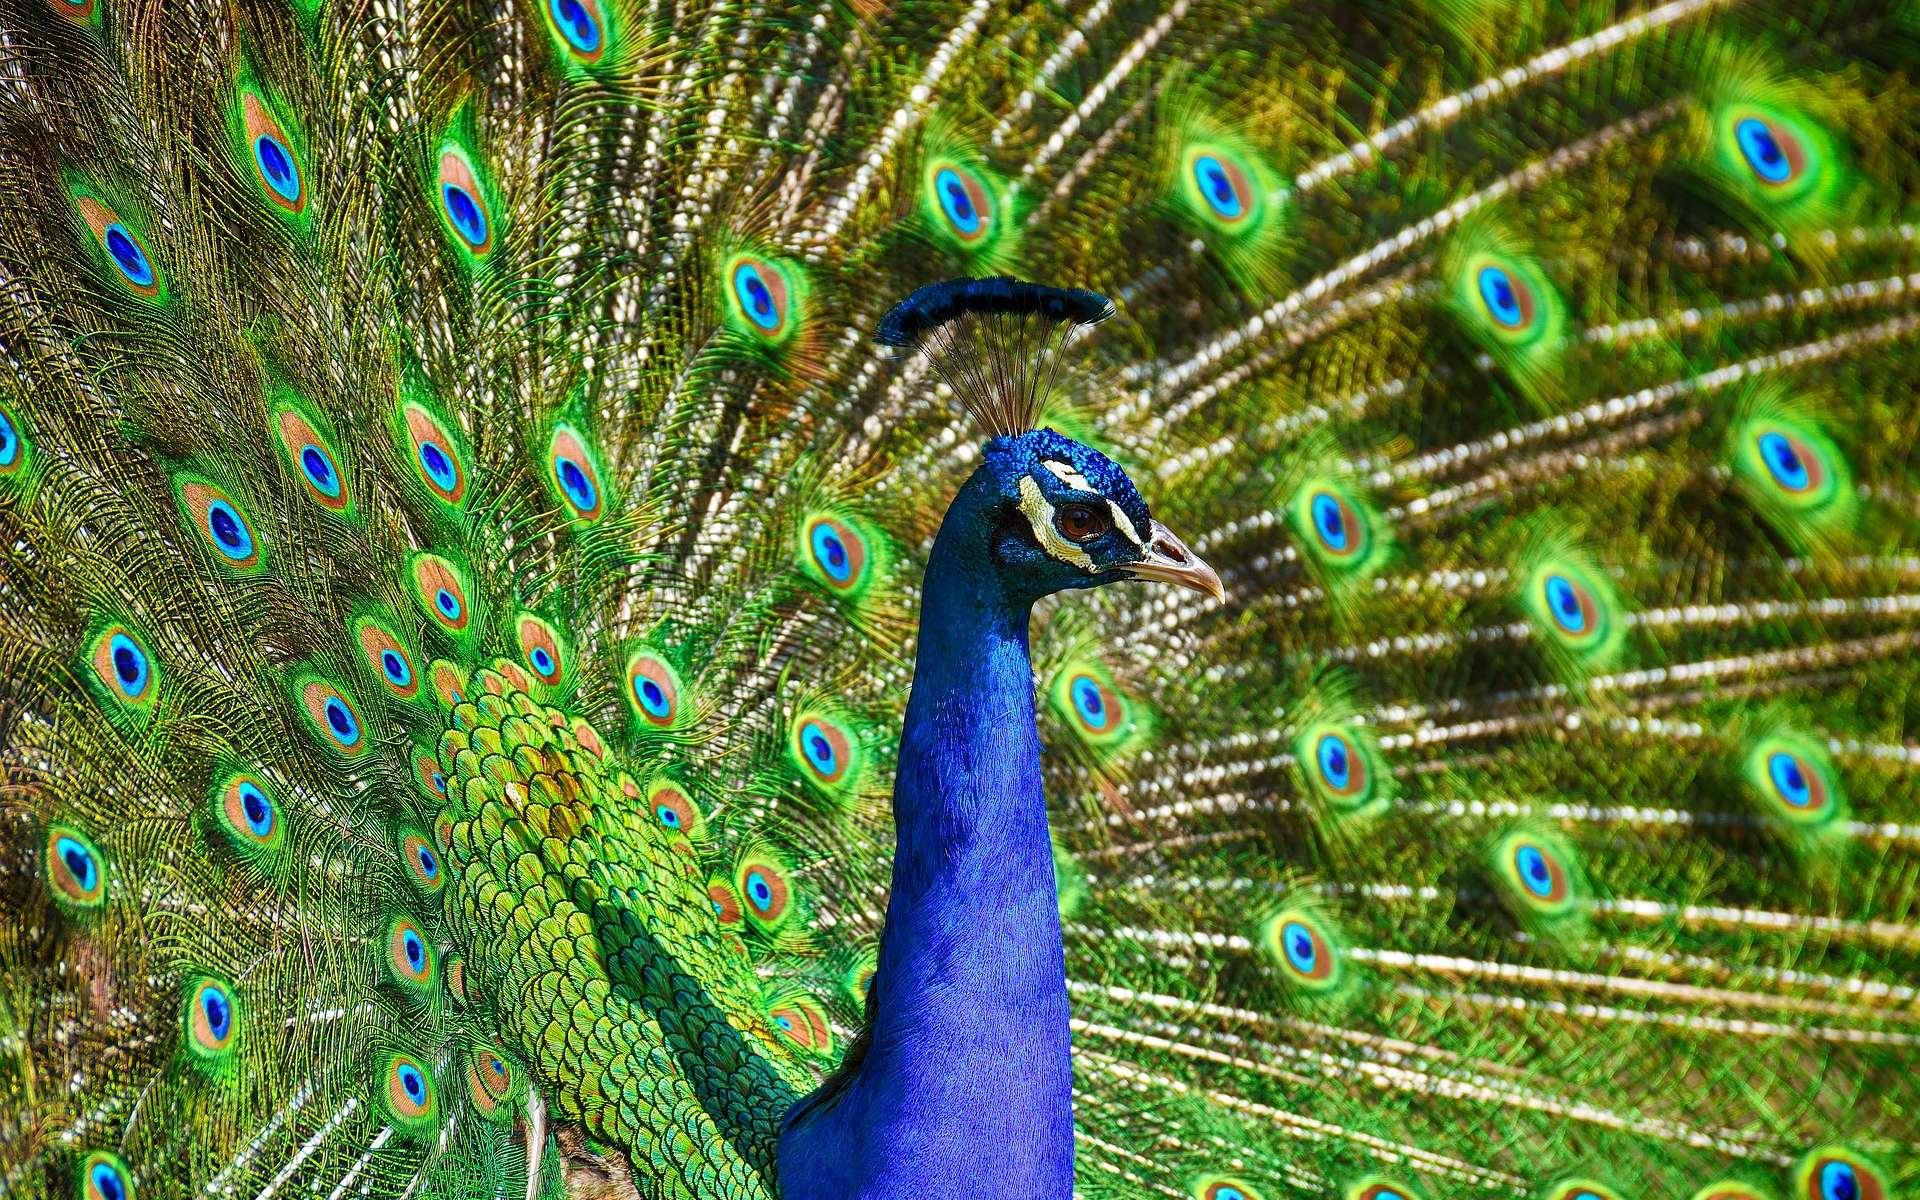 Les couleurs éclatantes dans le monde animal en cinq exemples